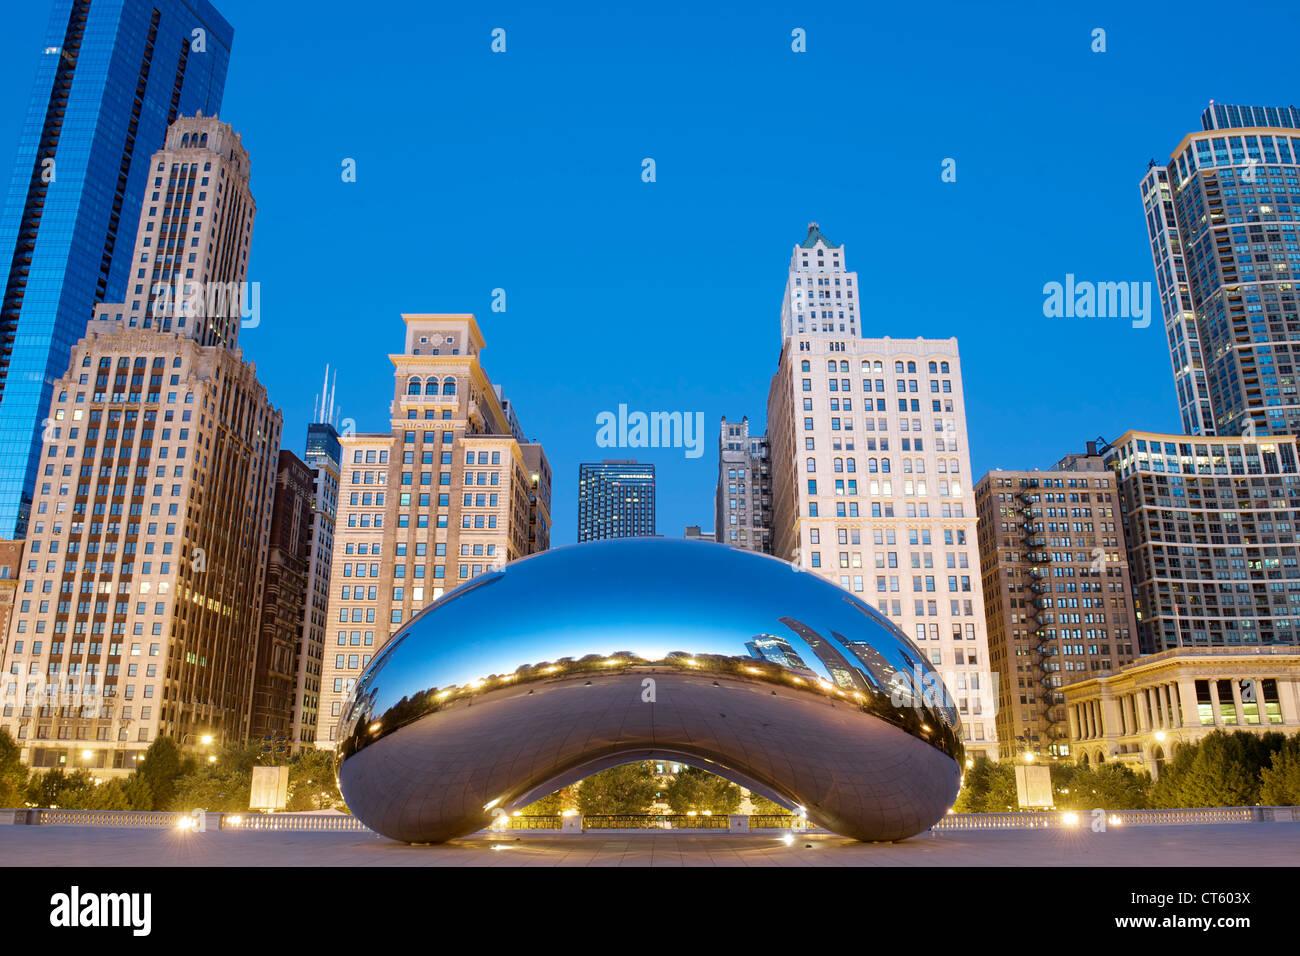 Voir l'aube de la Cloud Gate sculpture d'Anish Kapoor dans le Millennium Park de Chicago, Illinois, USA. Photo Stock